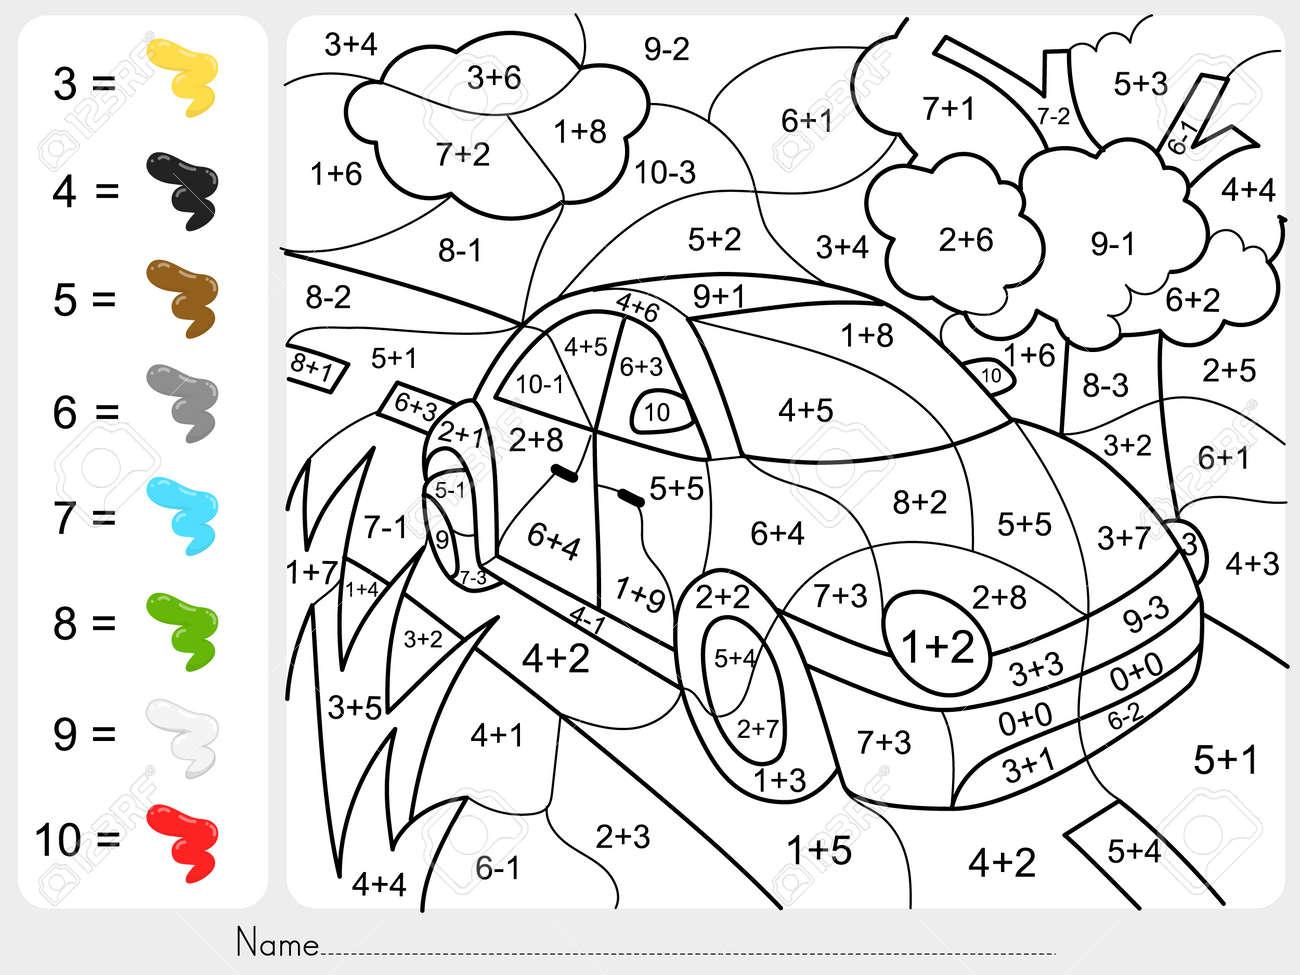 La Pintura Del Color Por Números De Suma Y Resta - Hoja De Trabajo ...